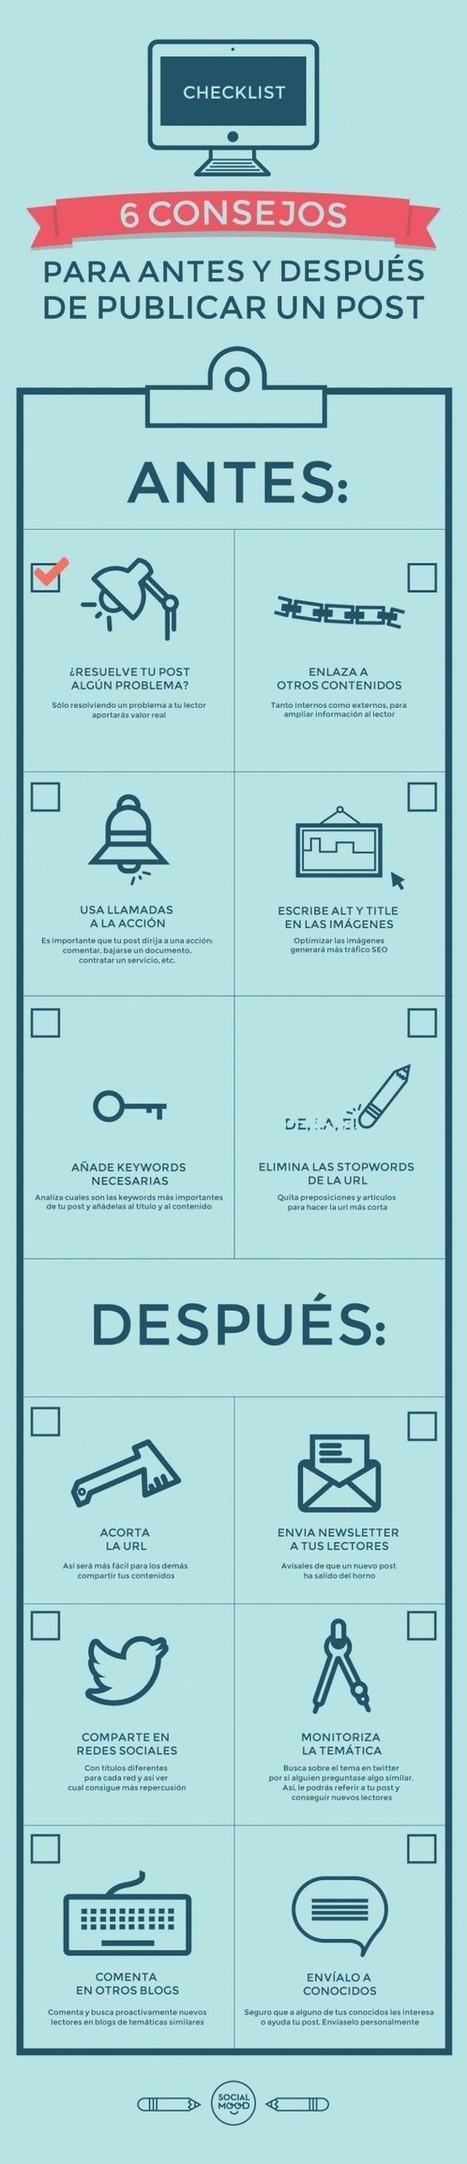 6 consejos para antes y después de publicar un post - 40deFiebre | Twitter, Facebook y Redes sociales | Scoop.it